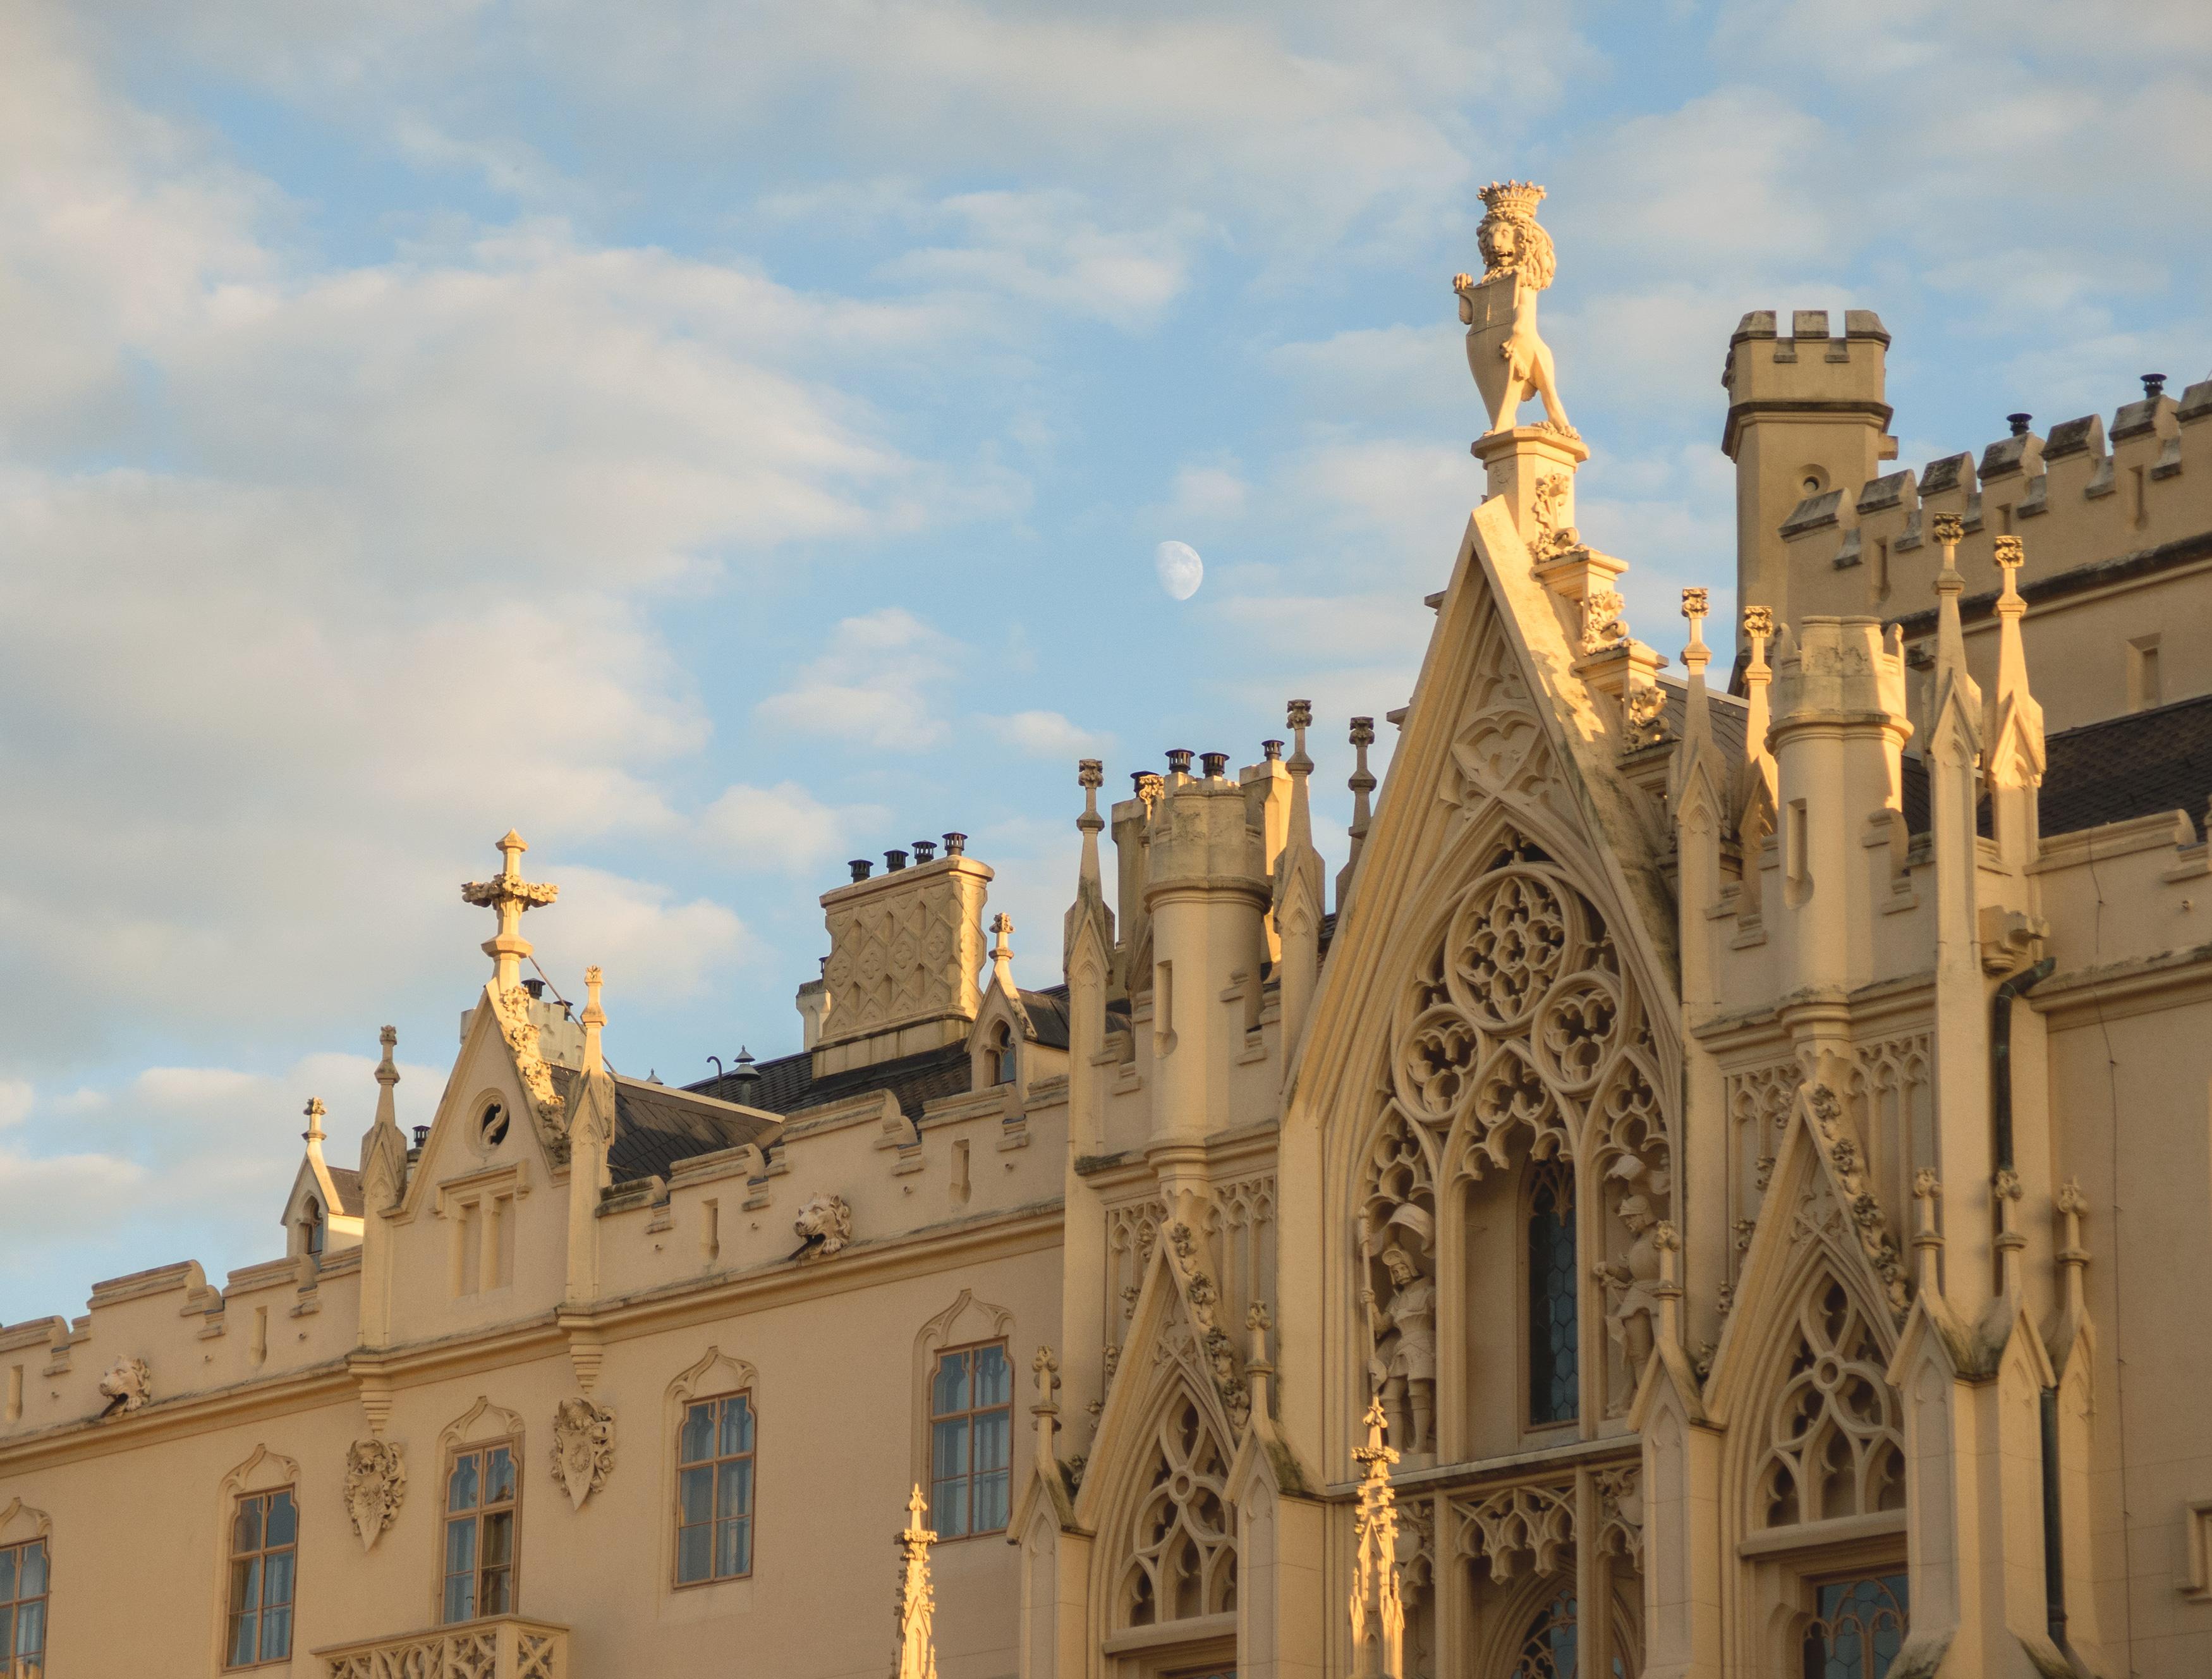 Free Image Neo Gothic Style Castle Lednice